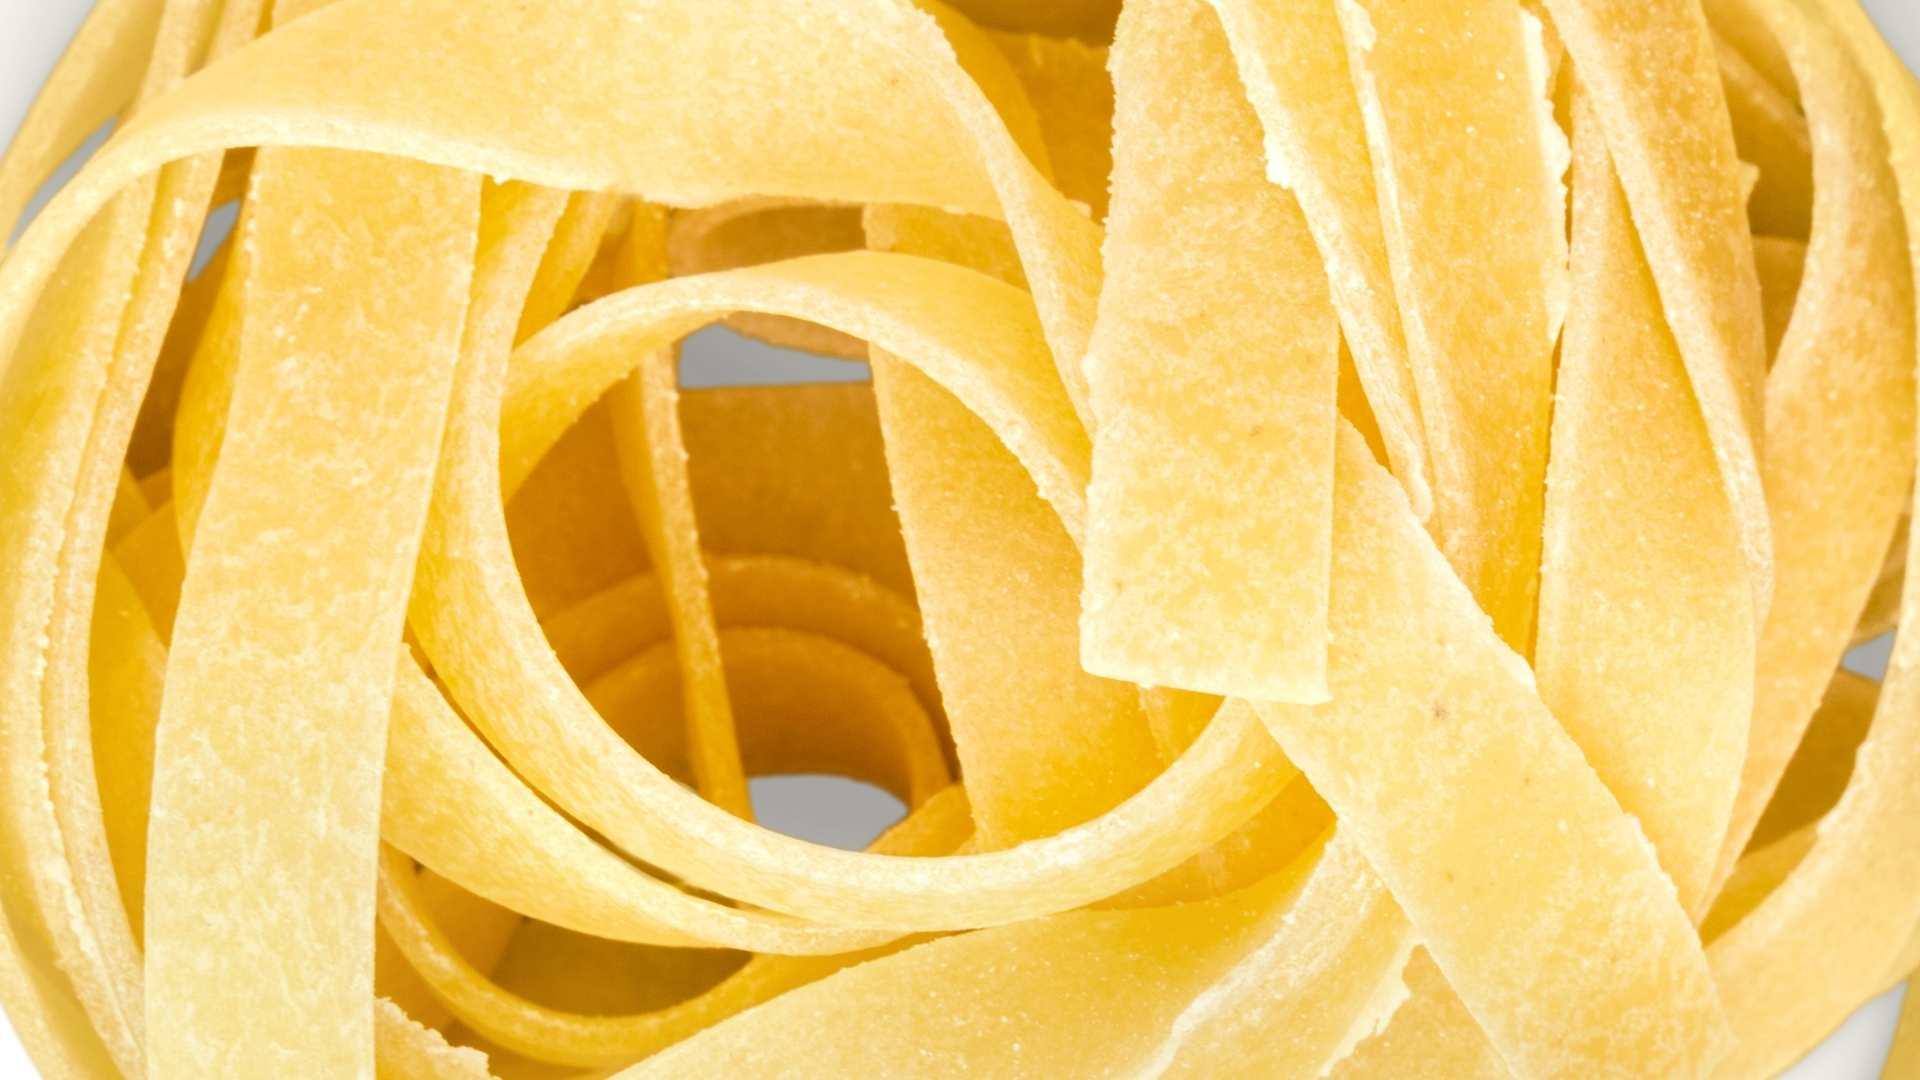 keto-pasta-noodles-recipe-low-carb-noods